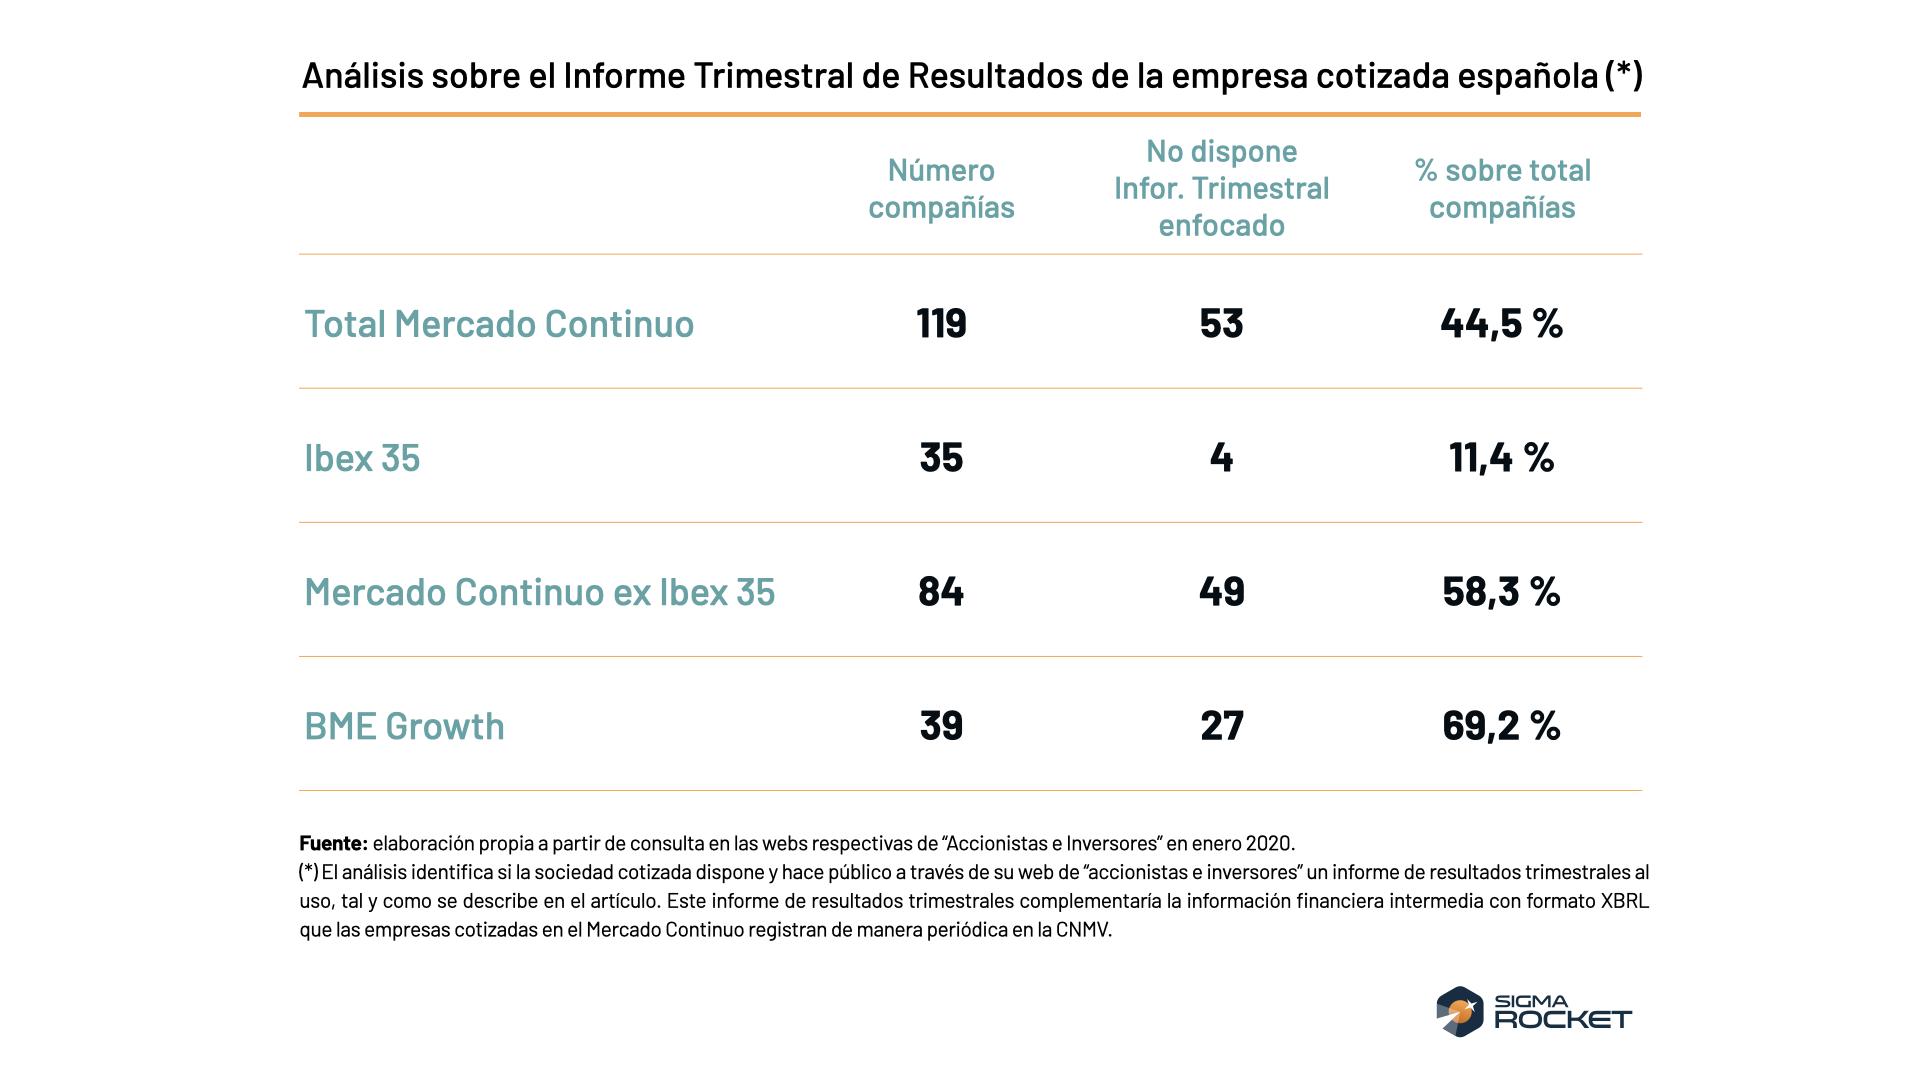 Análisis Informe Trimestral Resultados empresa cotizada española